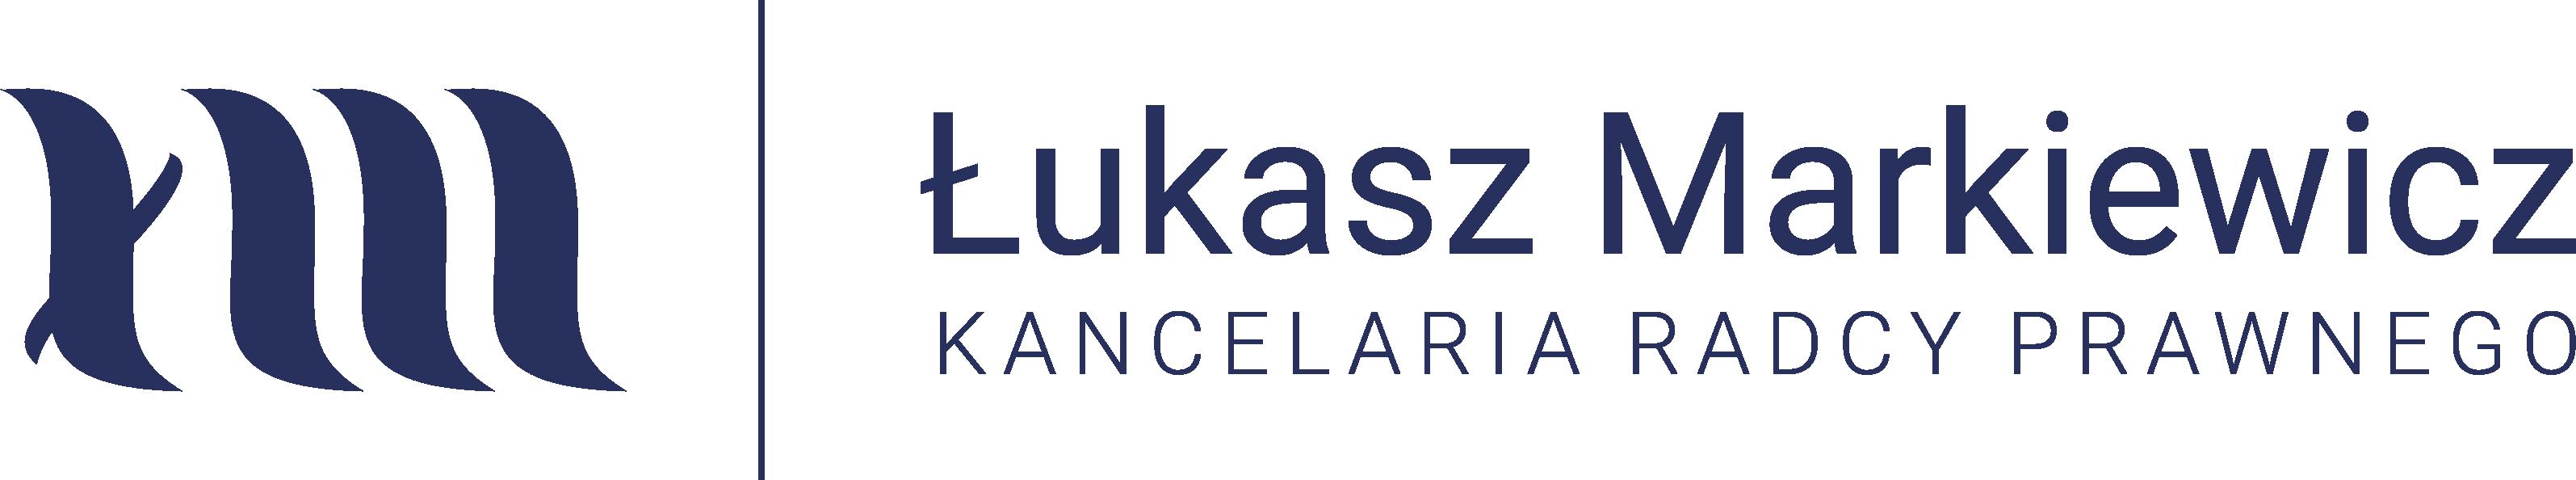 kancelaria rady prawnego w Lublinie